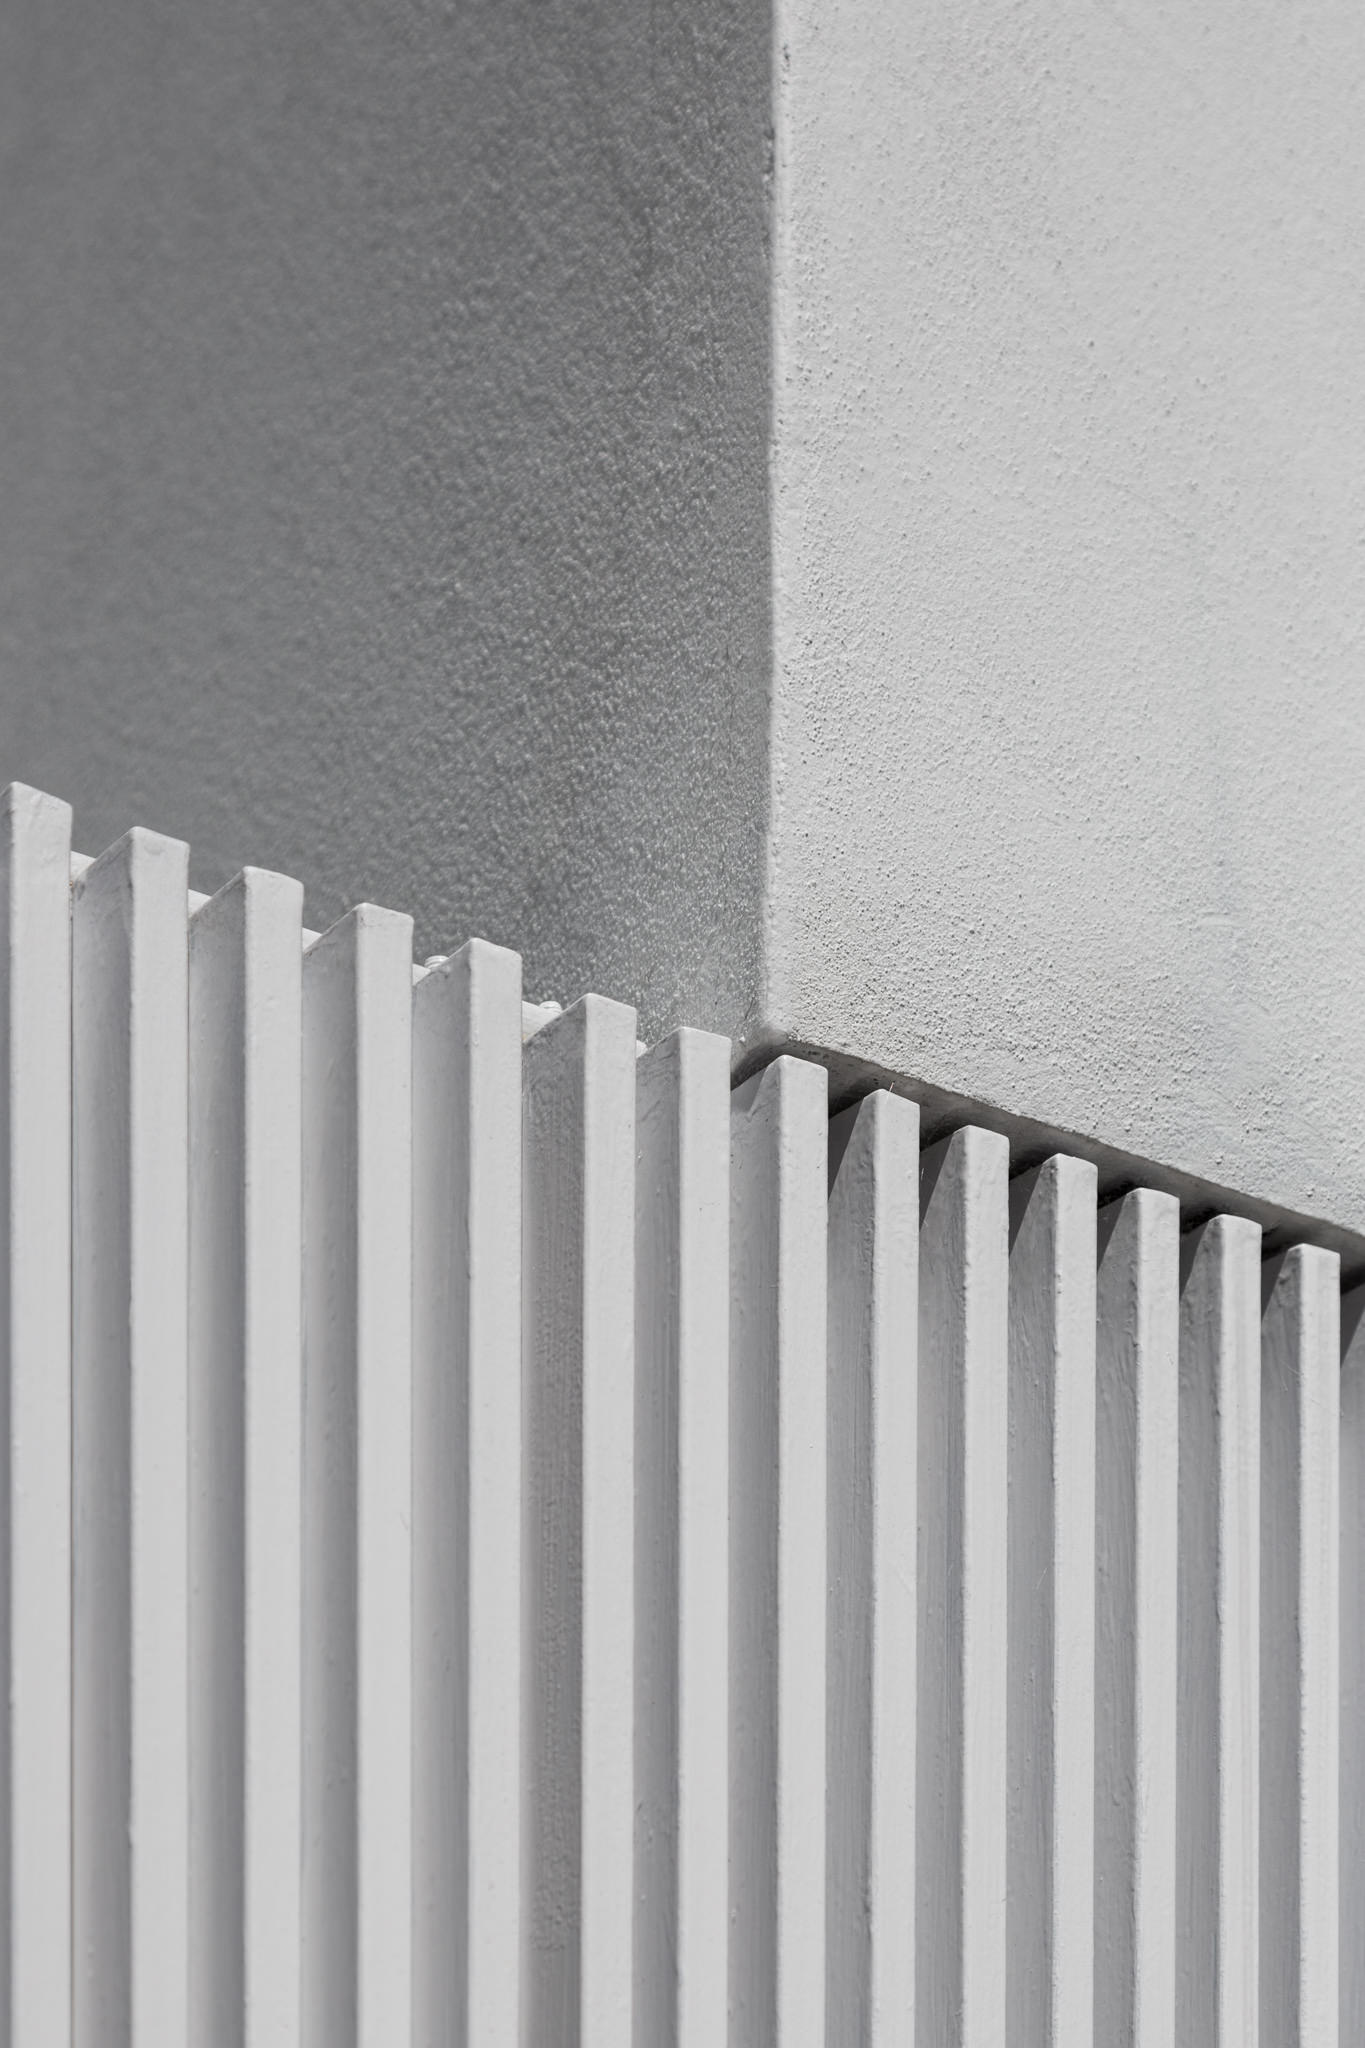 Reportagem Fotografia De Arquitectura Portuguesa Fotografo Ivo Tavares Studio Casa Matosinhos De Numa Arquitectos .